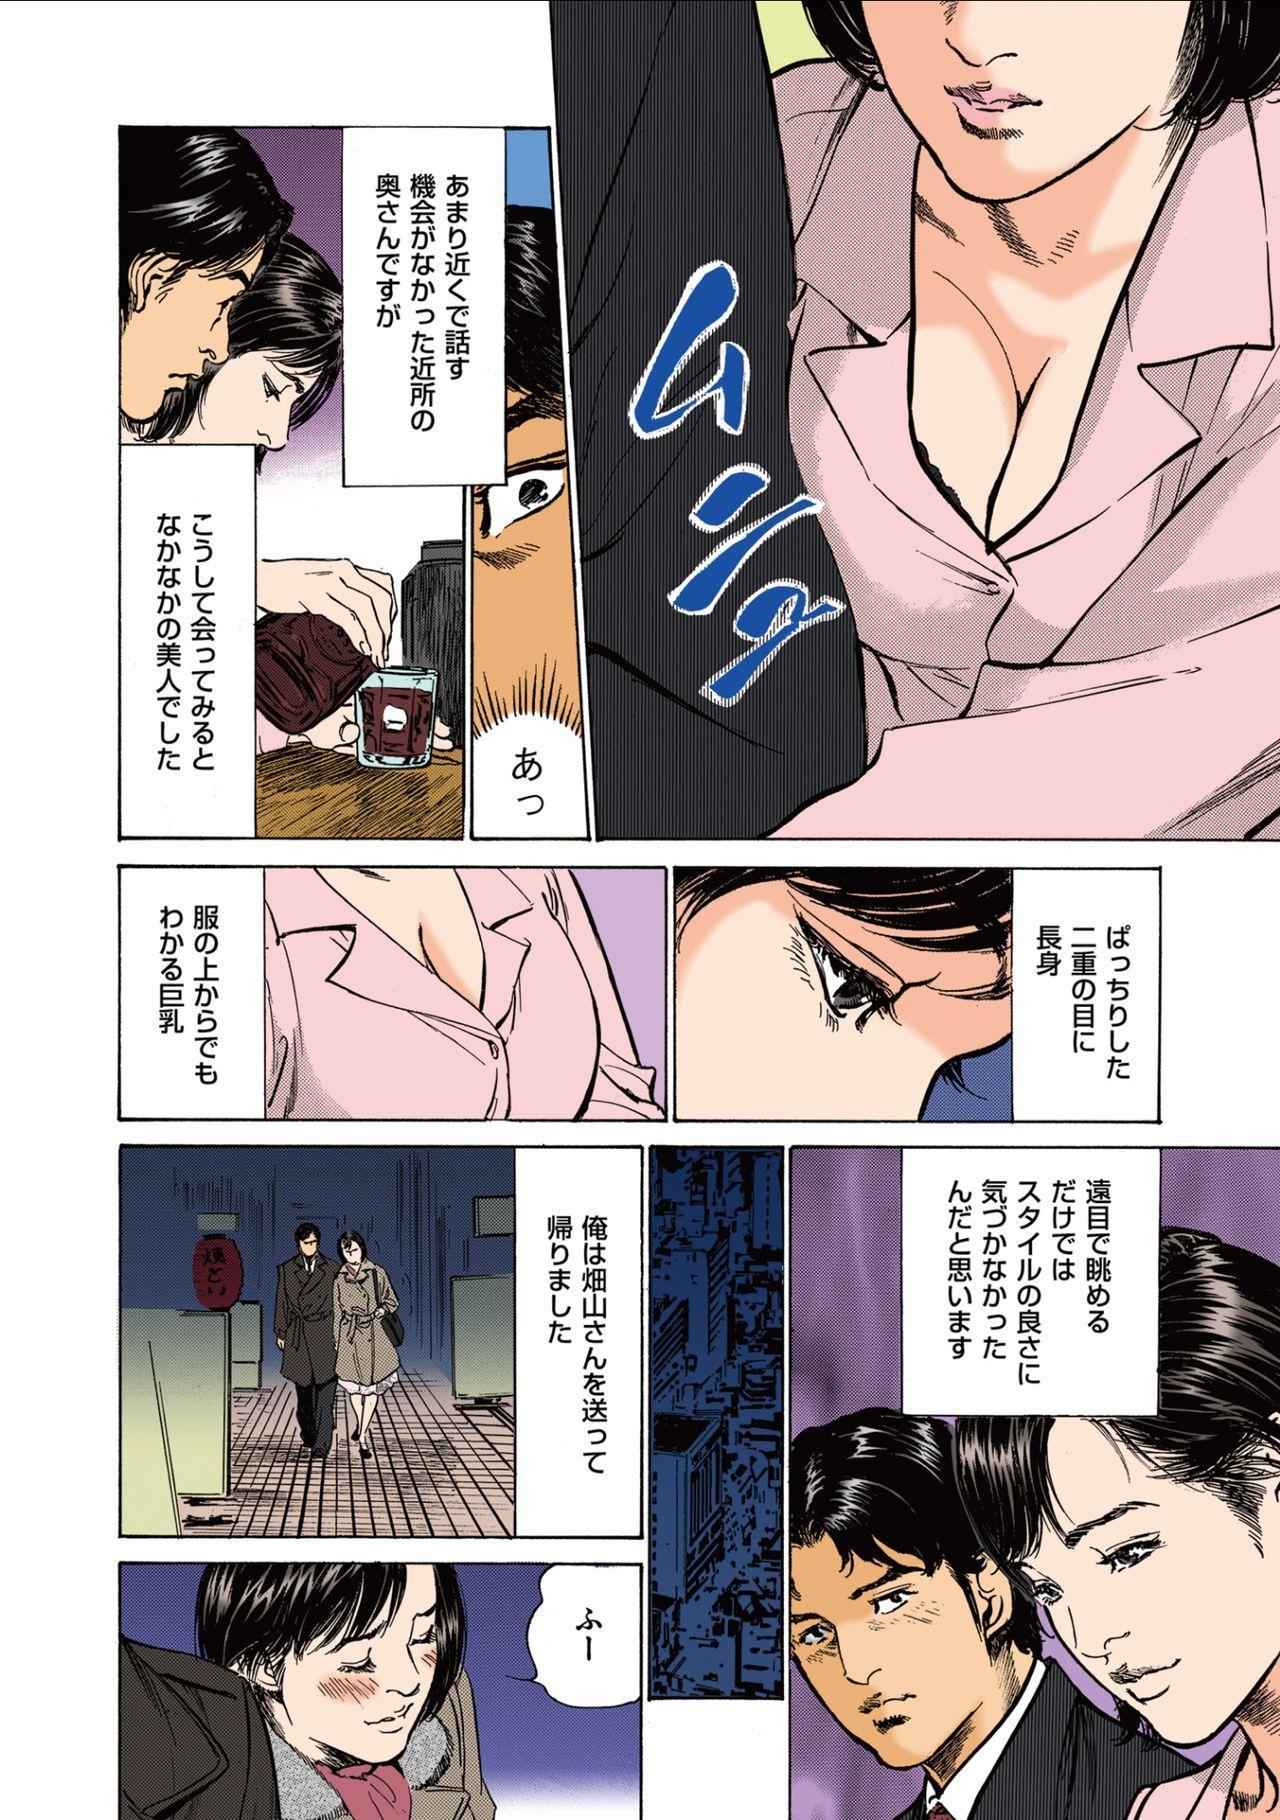 [Hazuki Kaoru] Hazuki Kaoru no Tamaranai Hanashi (Full Color Version) 1-2 87